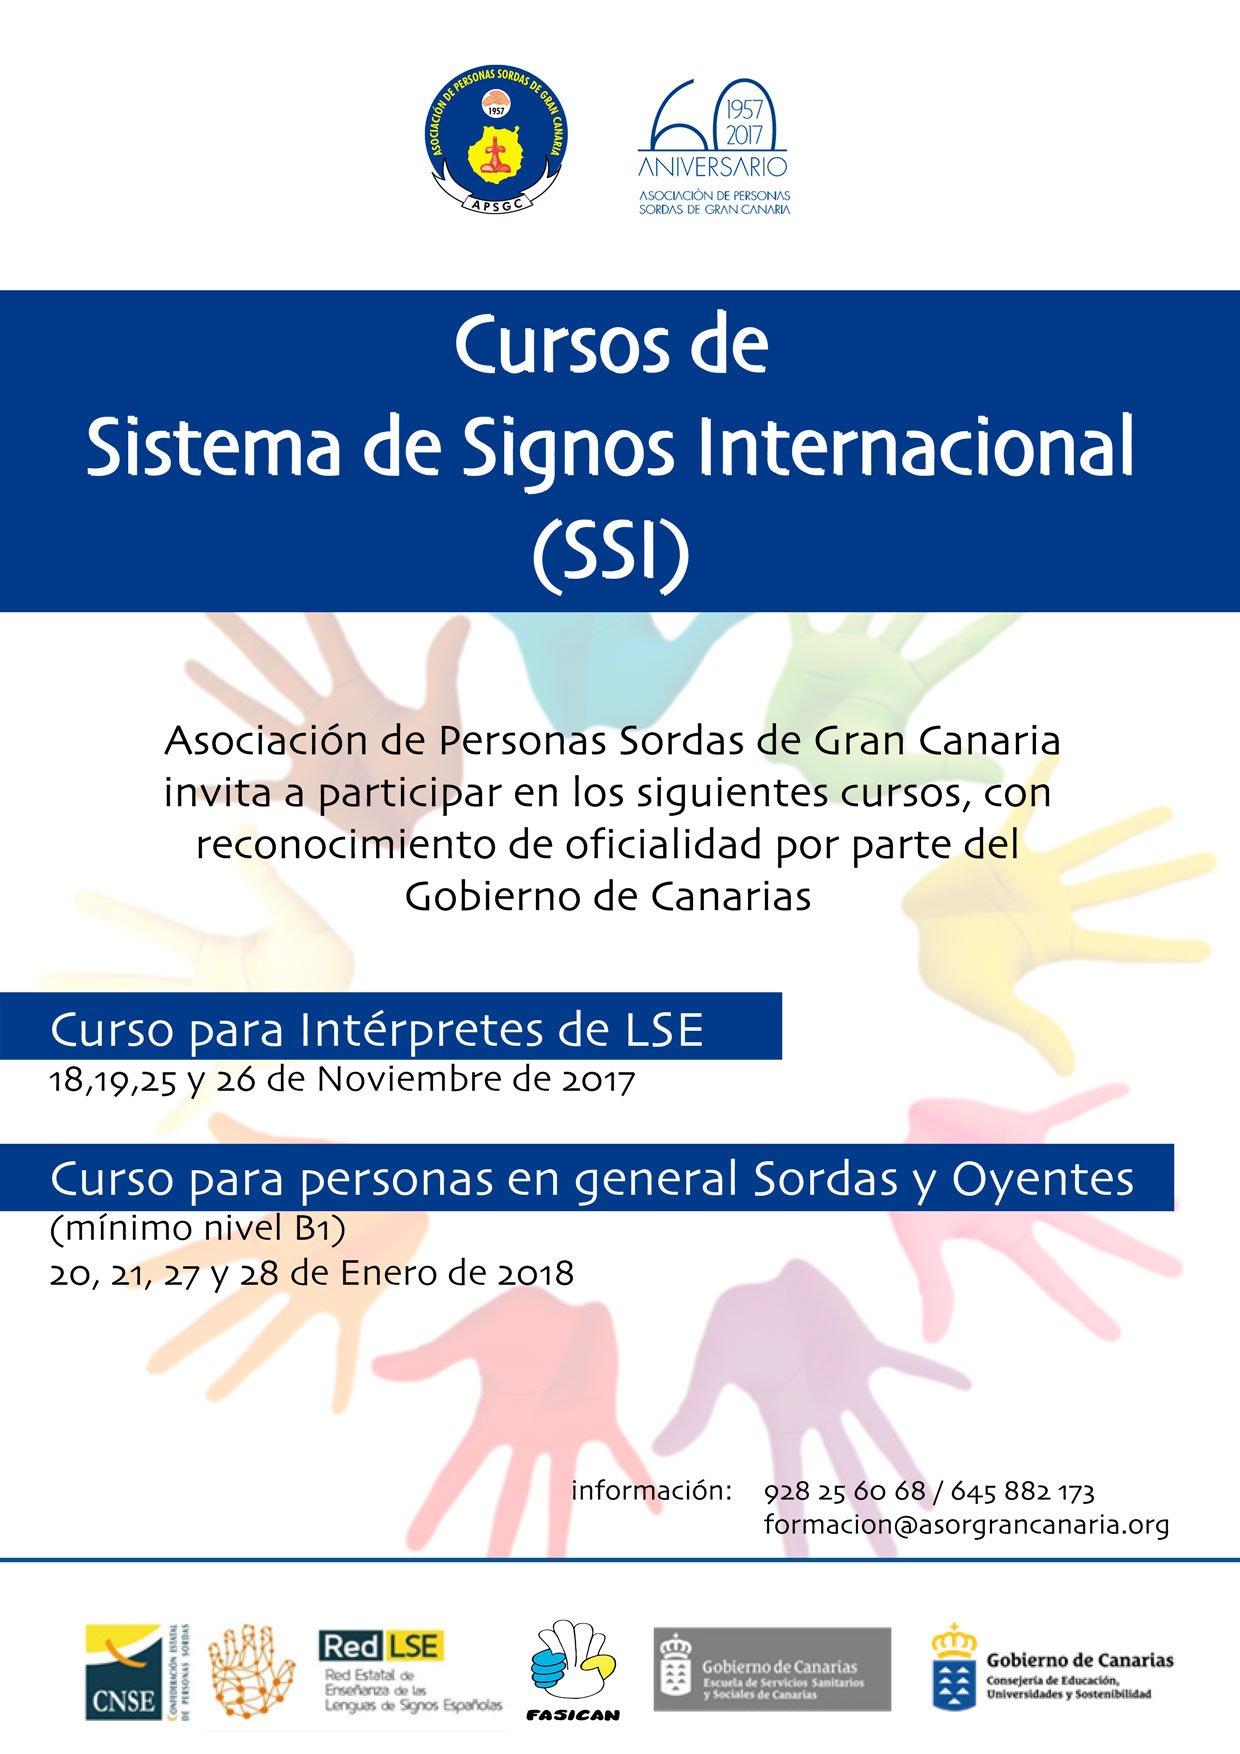 CURSOS DE SISTEMA DE SIGNOS INTERNACIONAL - 20, 21, 27 y 28 ene'18.- Gran Canaria DM-cotIXkAAWcsz